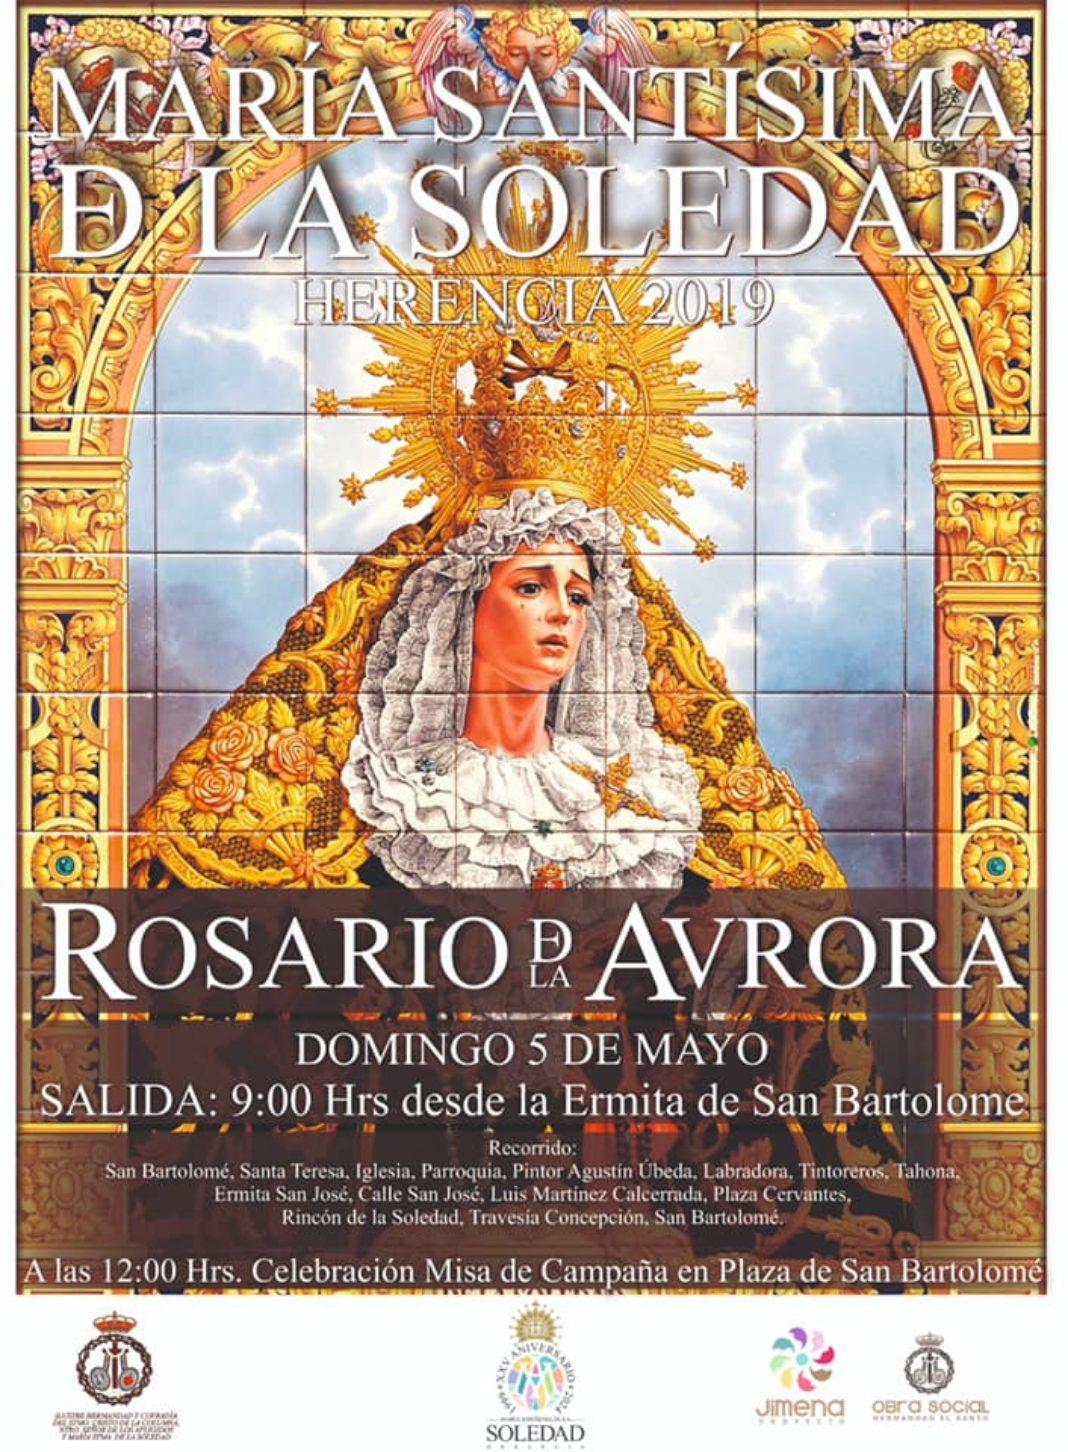 Rosario de la Aurora en honor a la Virgen de la Soledad 1068x1452 - Actos conmemorativos del 20 aniversario de la Virgen de la Soledad